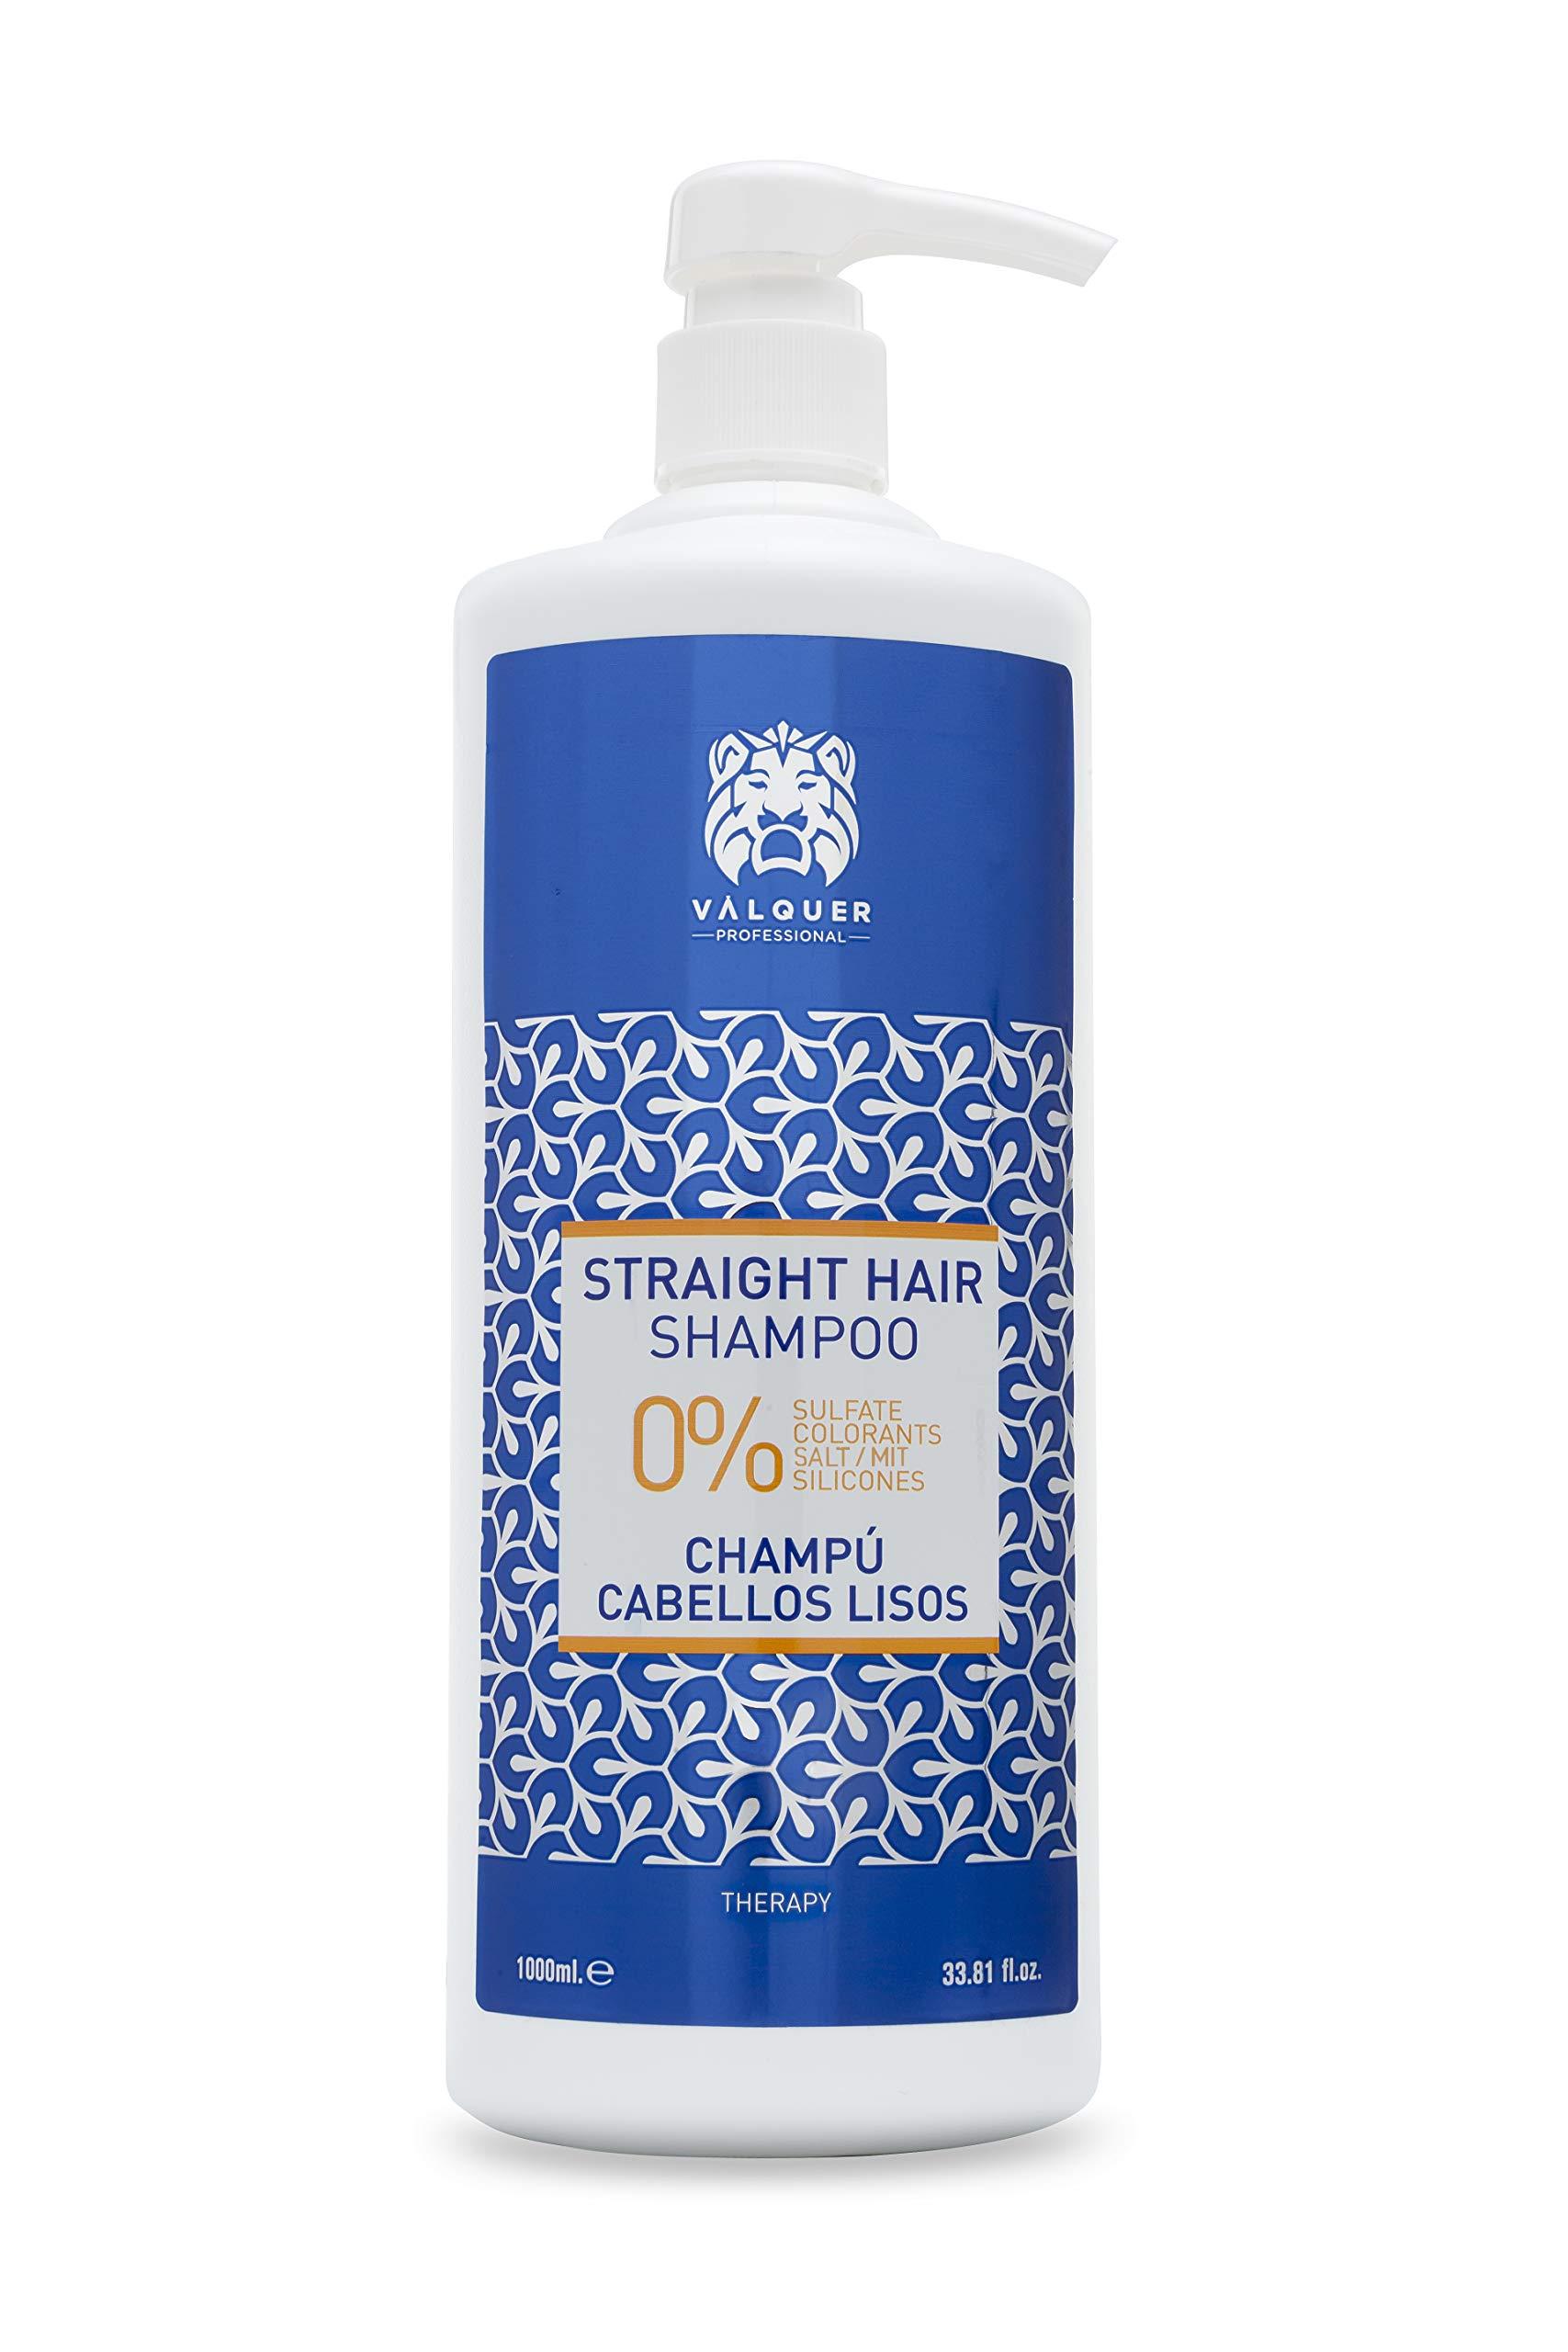 Válquer Champú Cabellos Lisos. Champú Zero sin: sal, sulfatos, etc - 1000